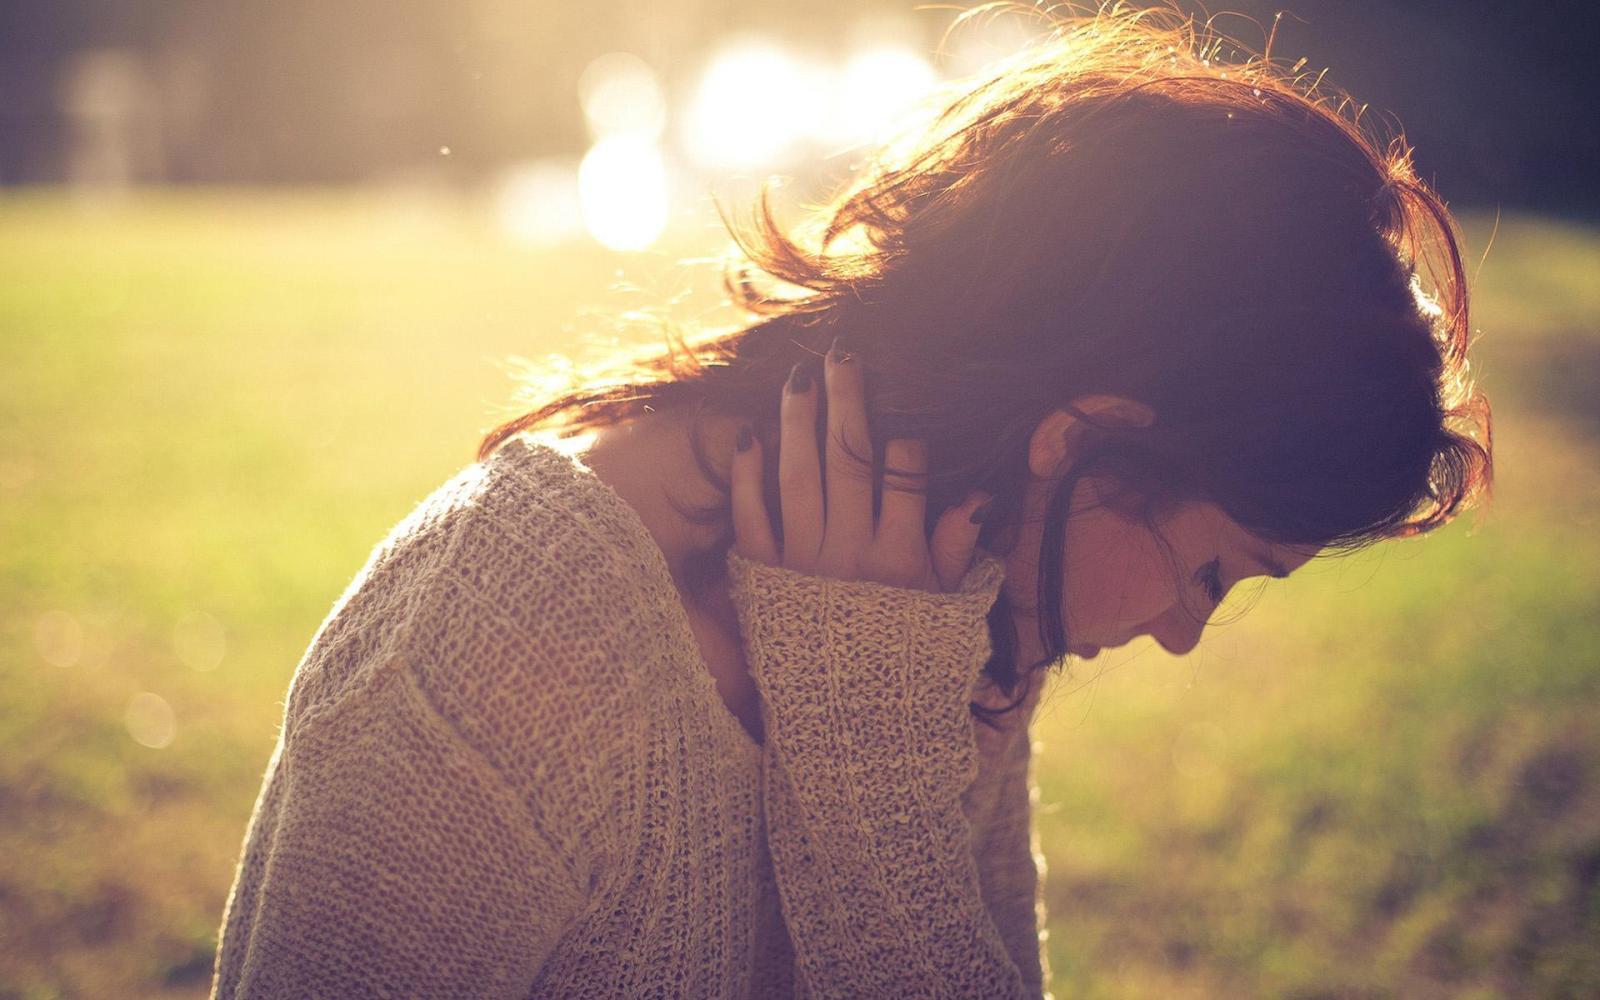 女人眼泪是最无用的液体, 但你让女人流泪说明你很无用